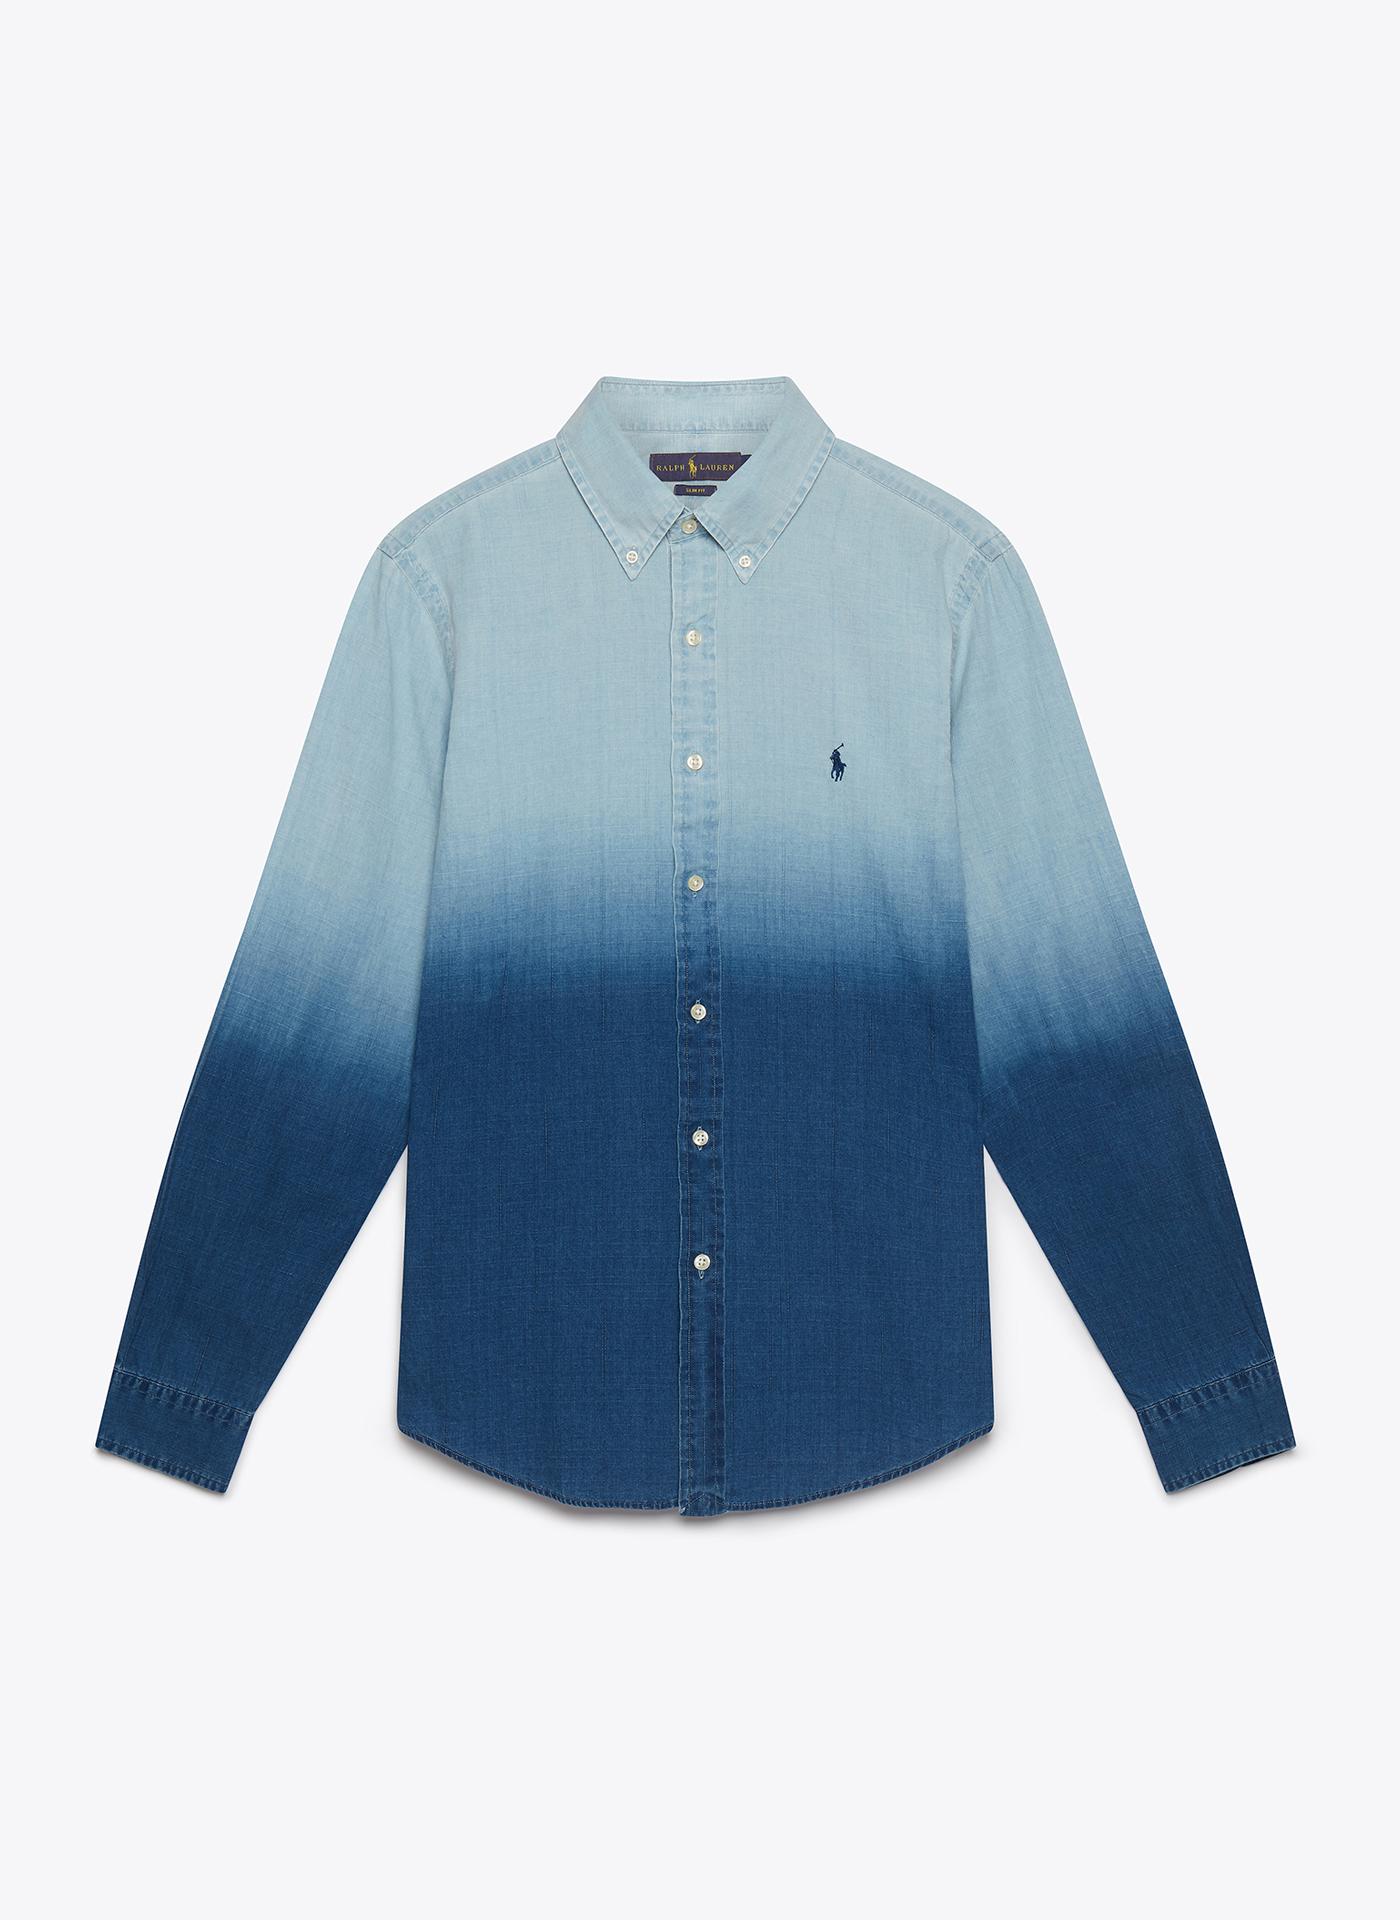 light blue denim shirt front on white background